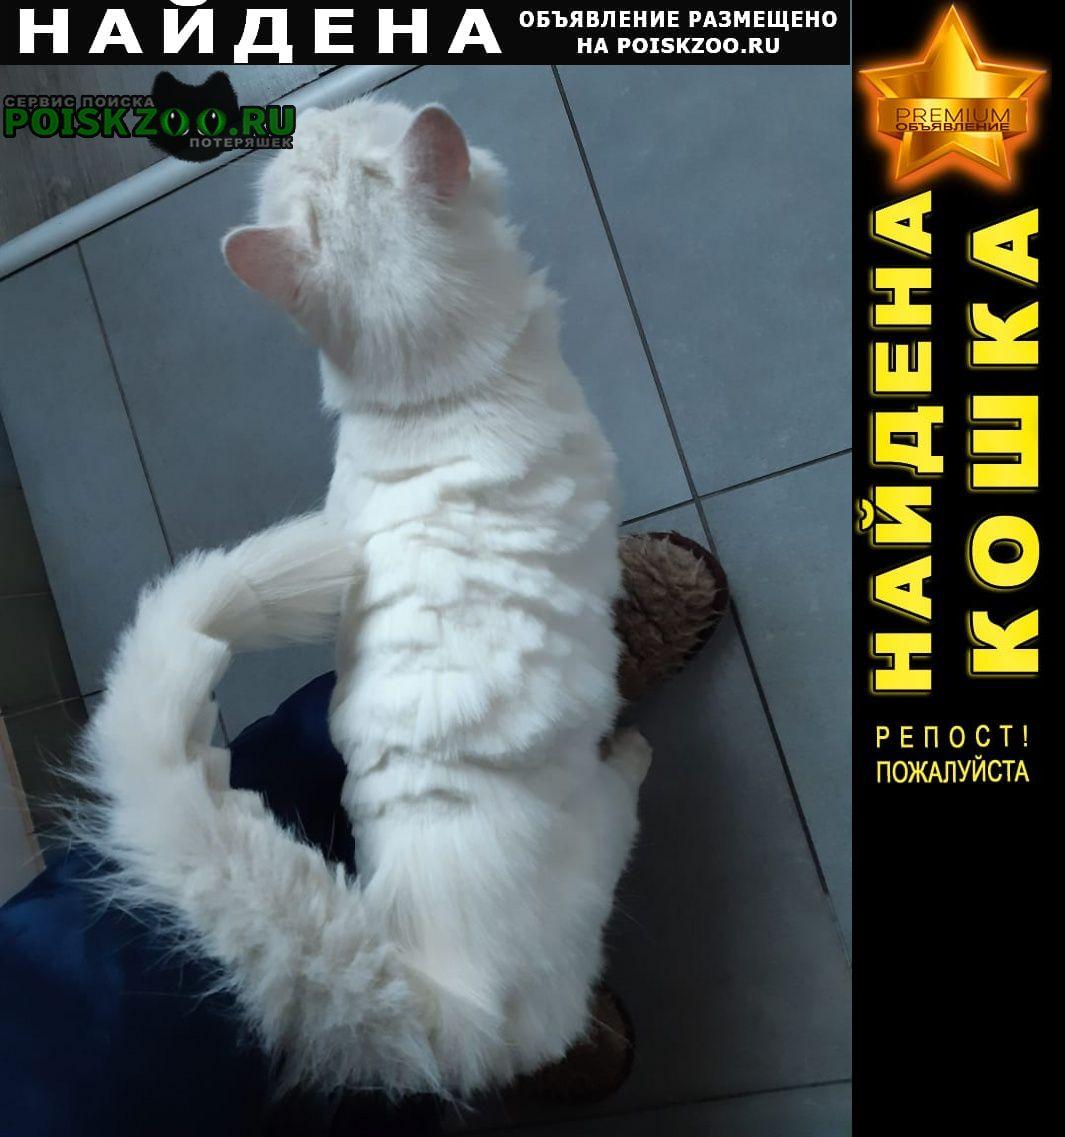 Омск Найдена кошка белая с голубыми глазами